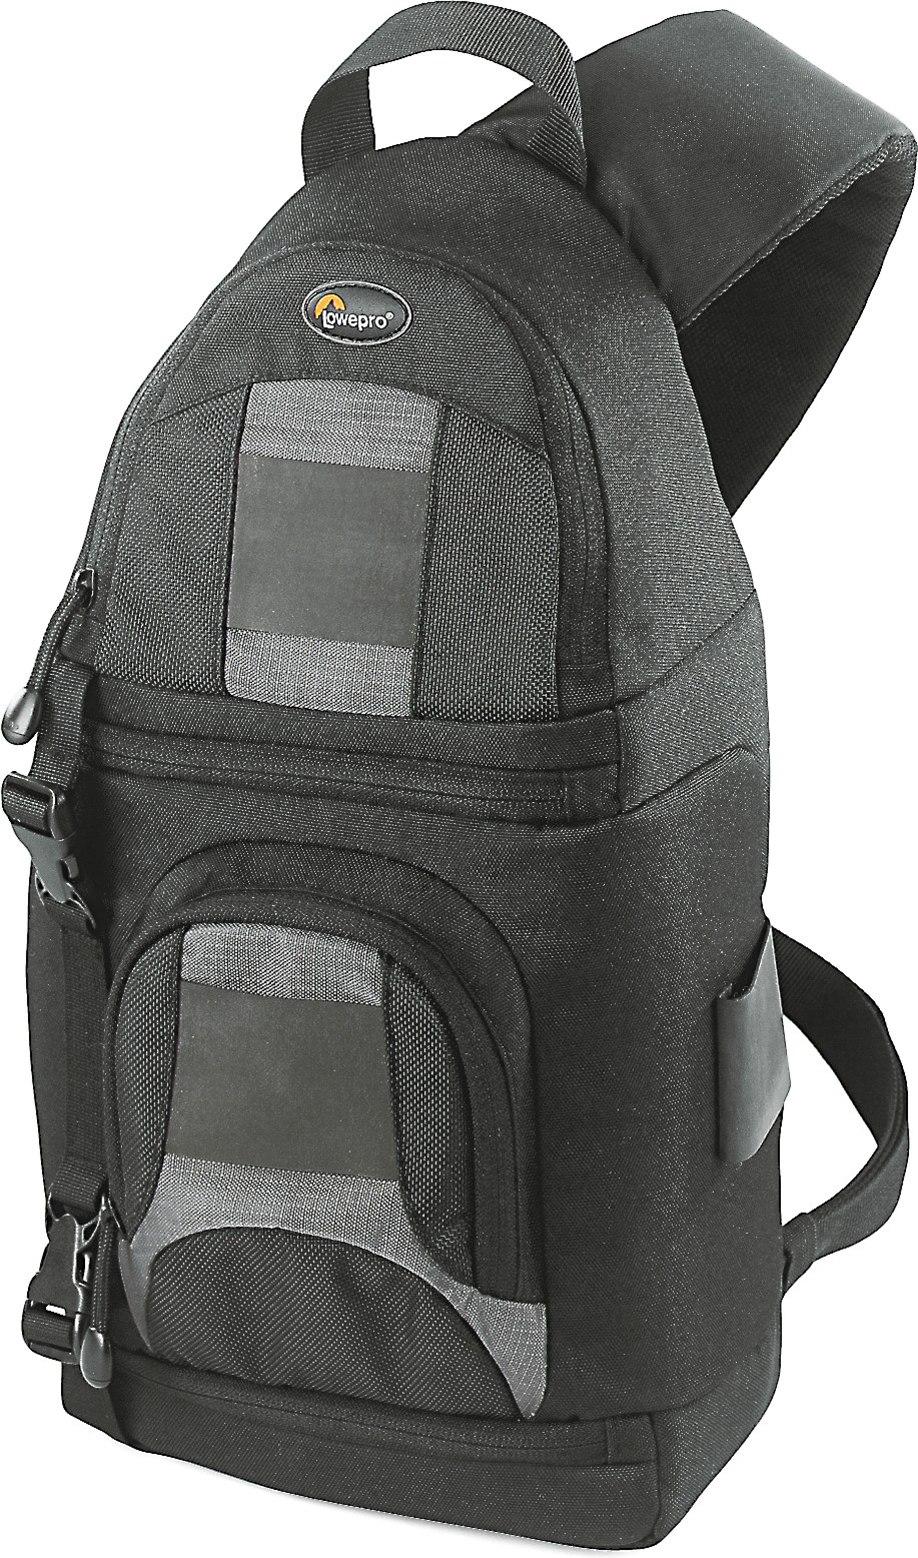 Lowepro Slingshot 100 Aw Over The Shoulder Camera Bag At Crutchfield